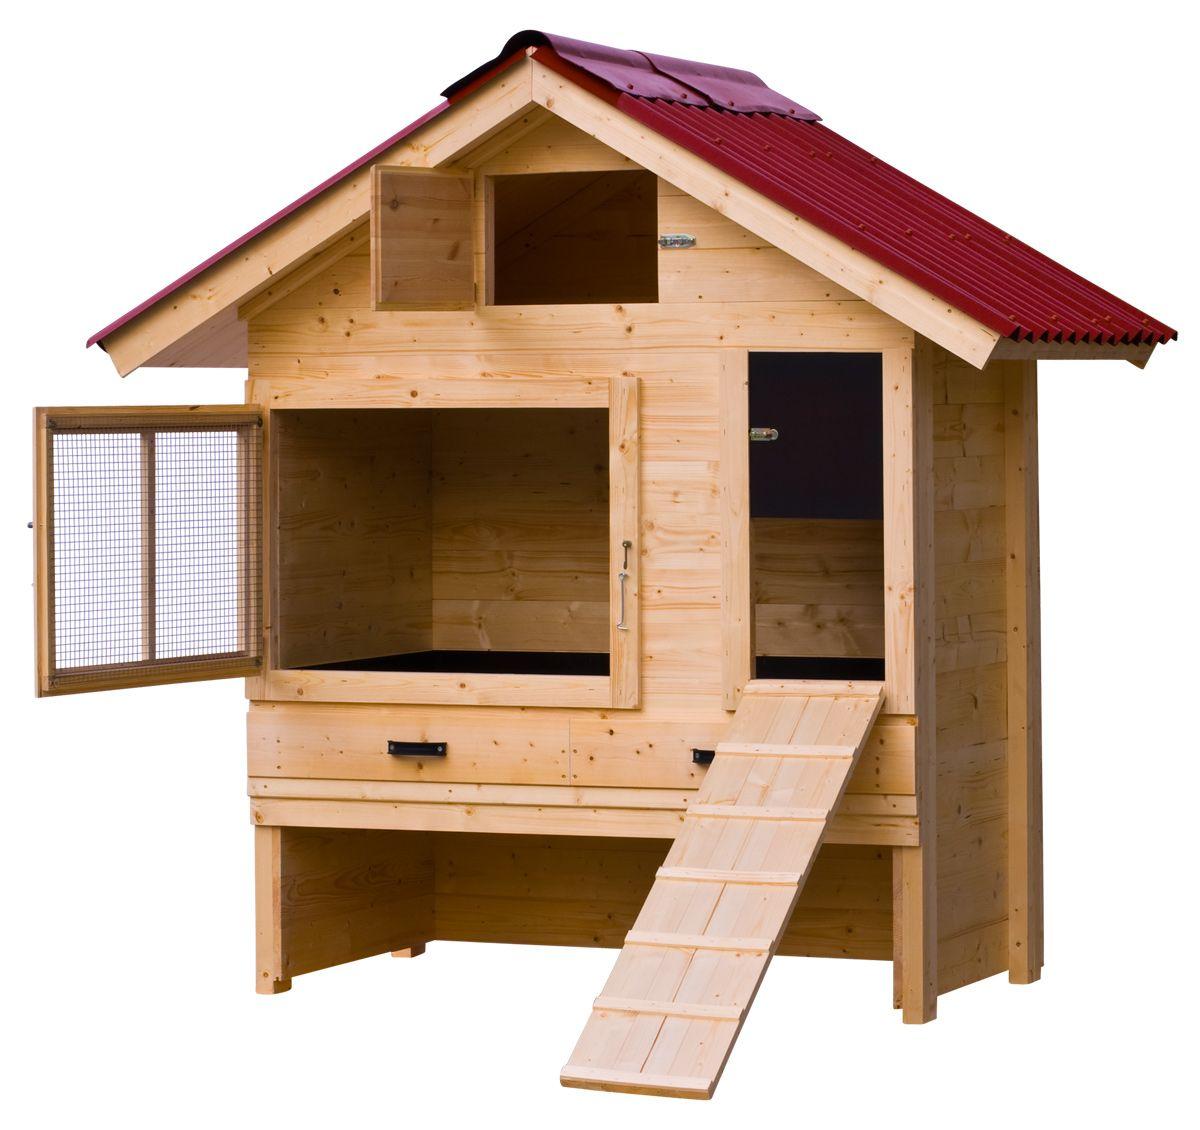 h hnerstall mit satteldach vollisoliert aus fichten. Black Bedroom Furniture Sets. Home Design Ideas